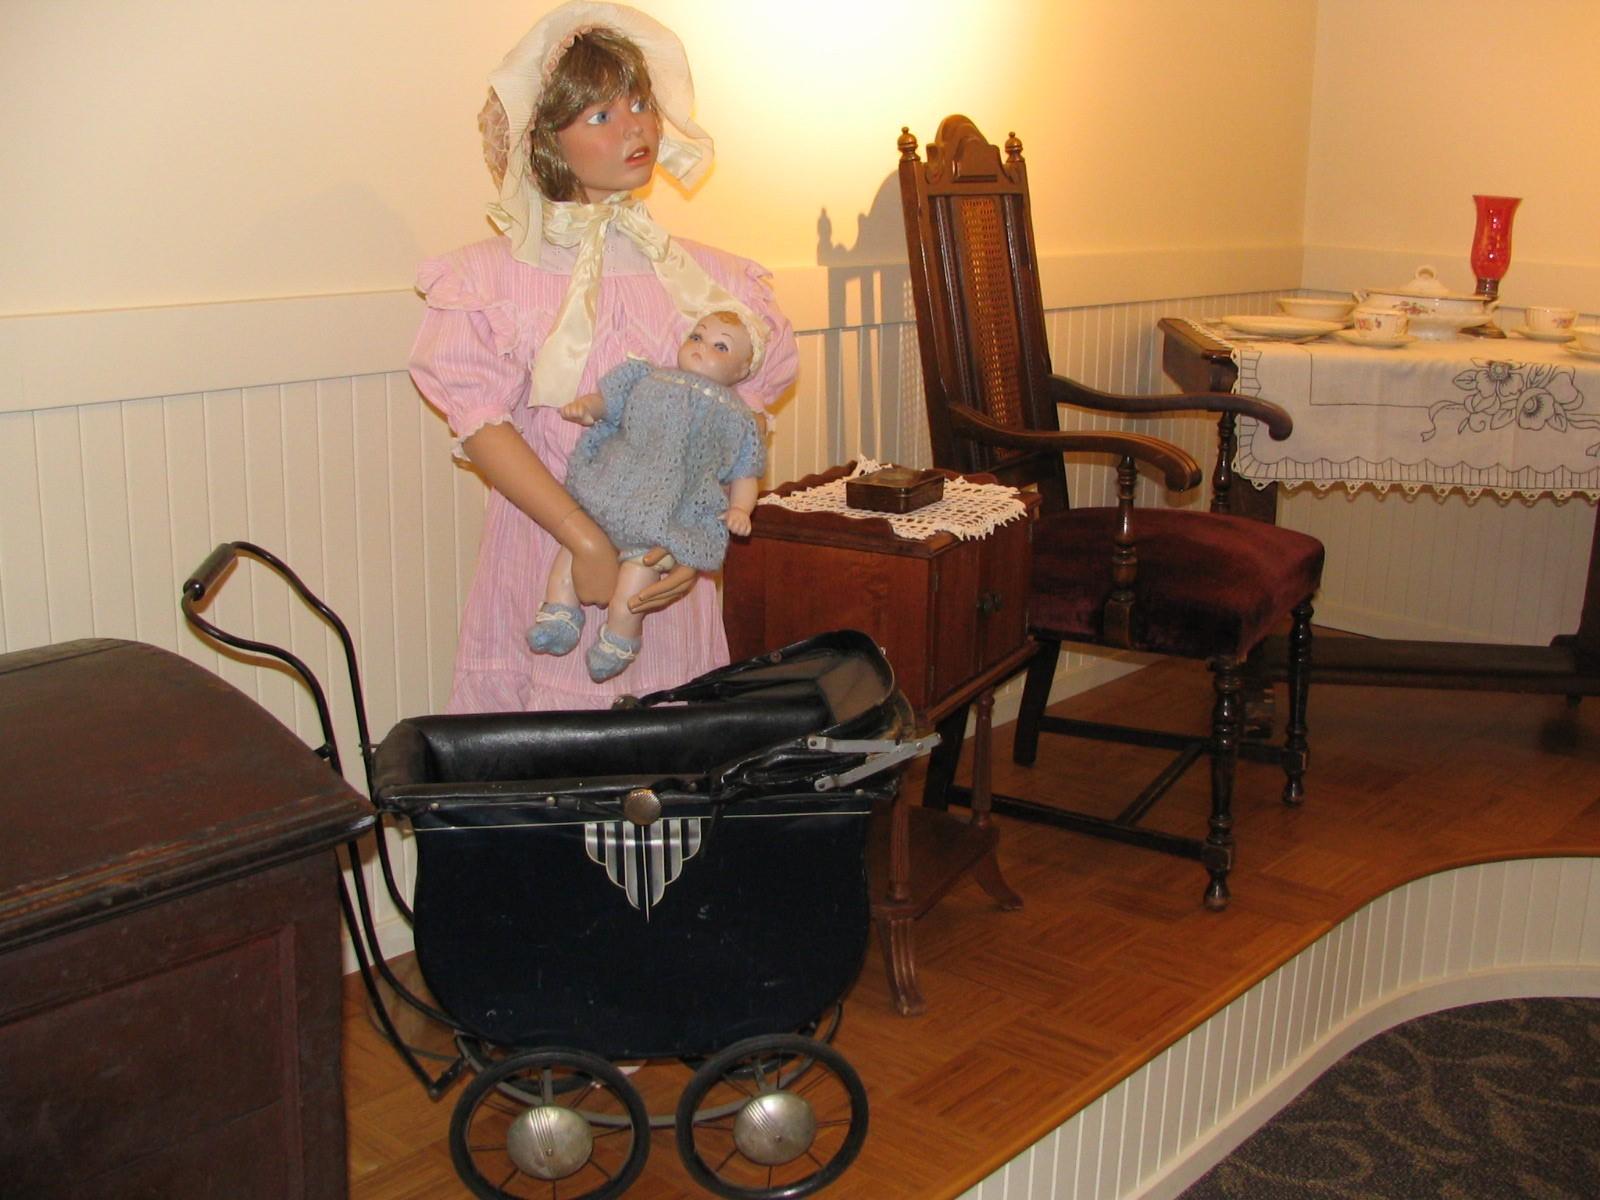 Heritage_Room_Buggies___Pink_Dress.jpg